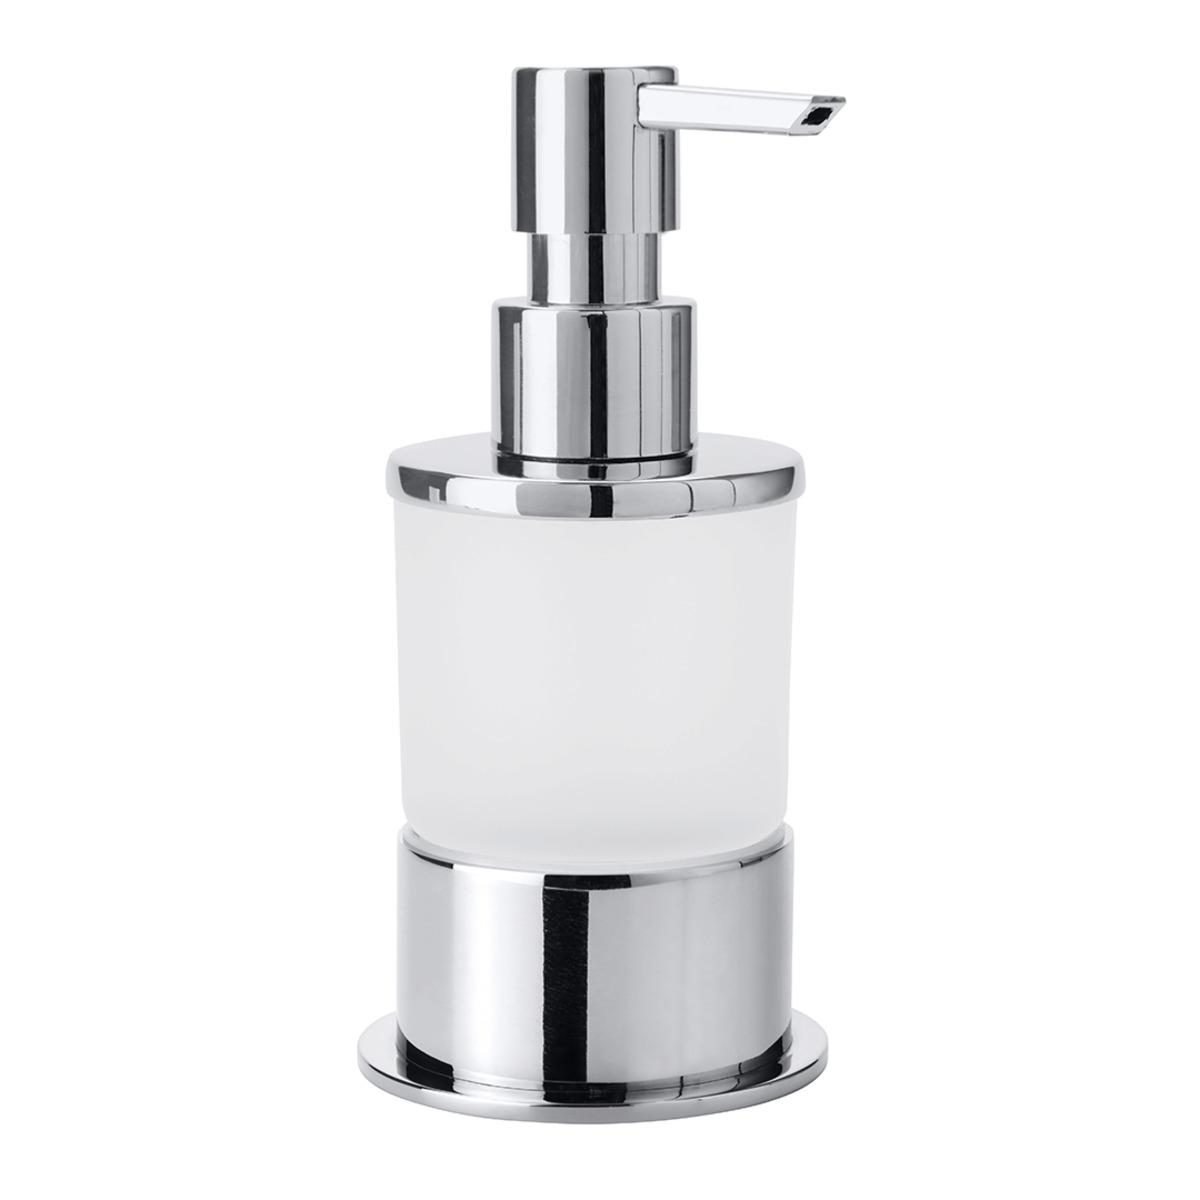 Dávkovač mýdla Bemeta OMEGA chrom 138109161